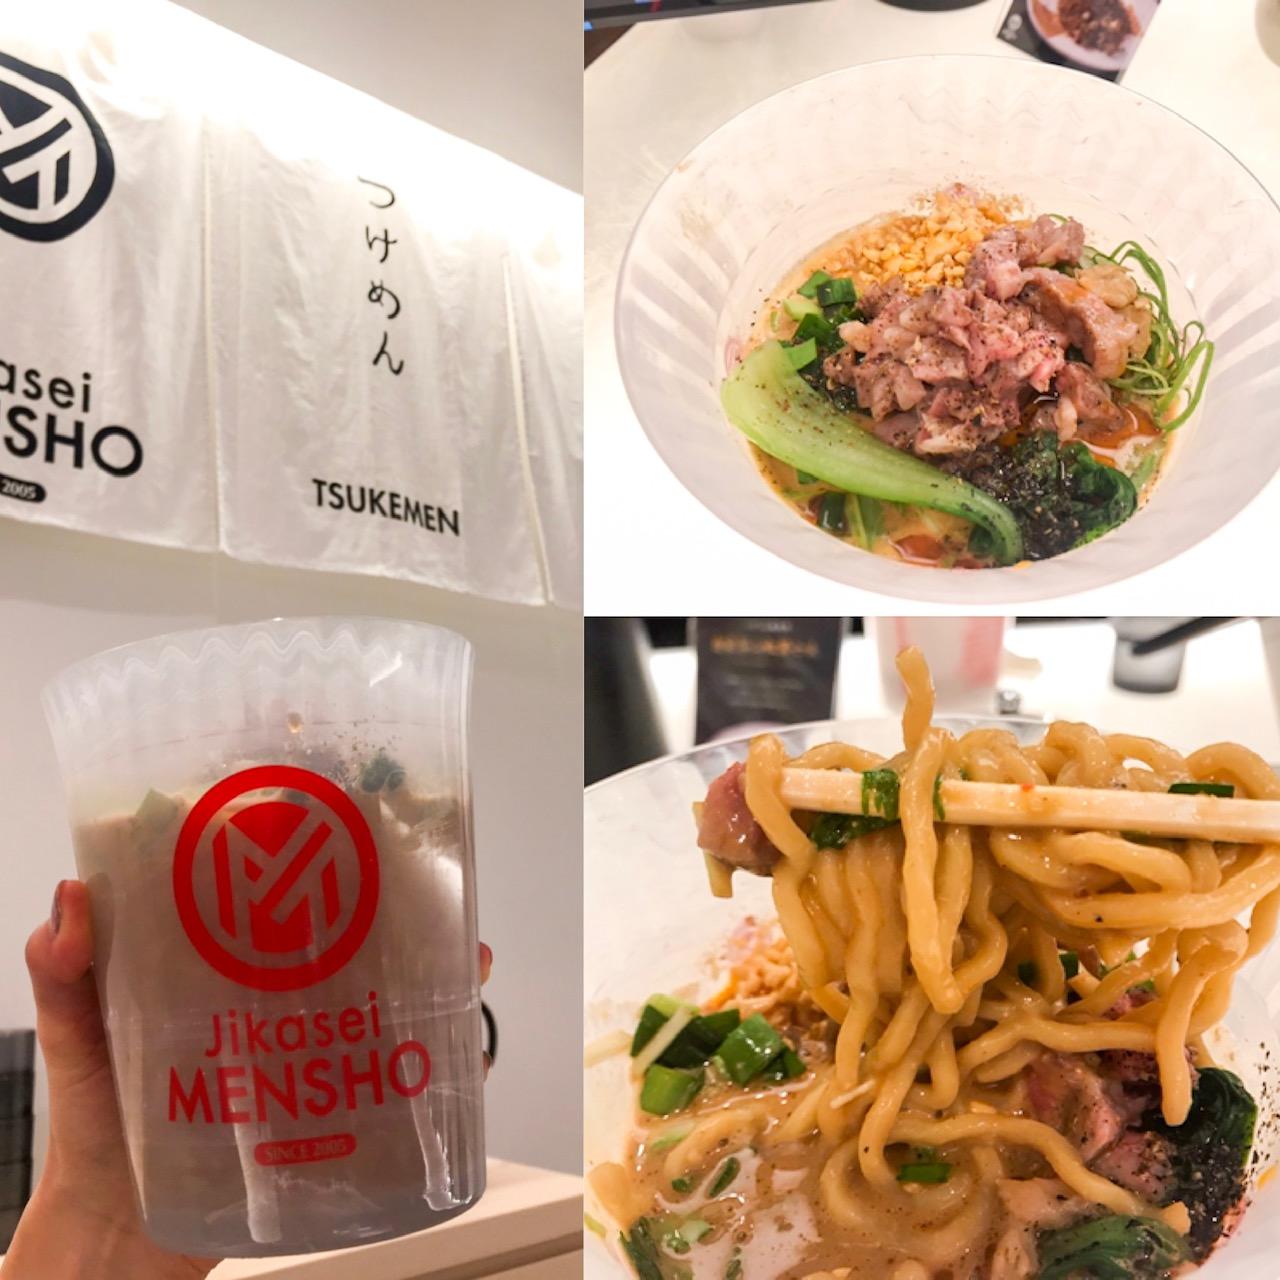 『渋谷PARCO』のおすすめグルメ7選。「未来日本酒店」や「ON THE CORNER」、限定コラボカフェ「U-FES. FOOD PARADE」も!_2